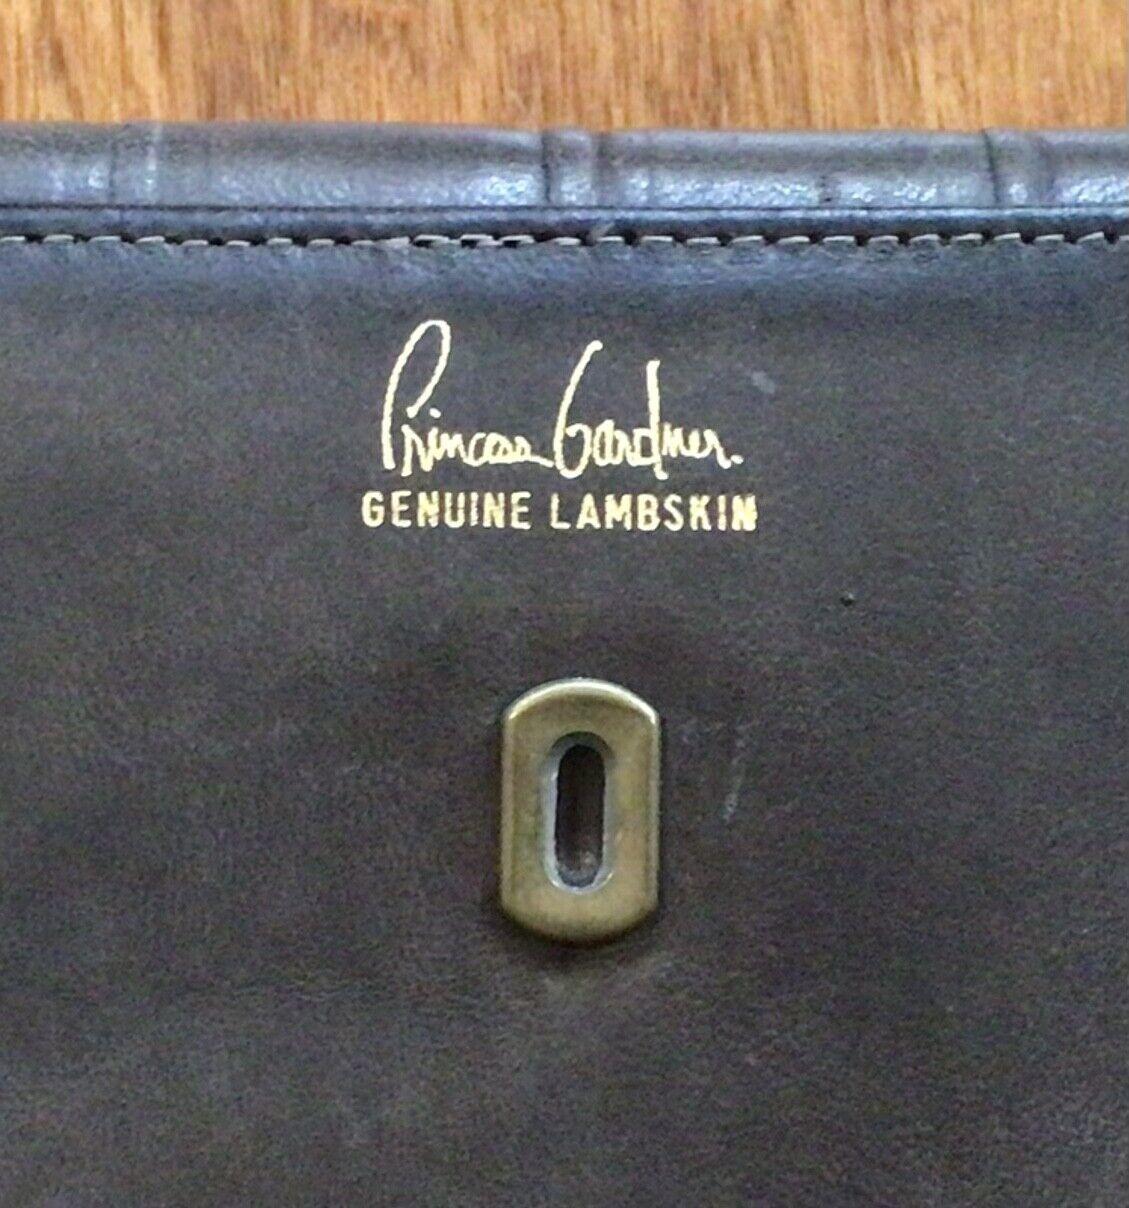 ! nuevo! Vintage Princess Gardner Gris Cordero Genuino Cartera, broche de presión Cierre, 7